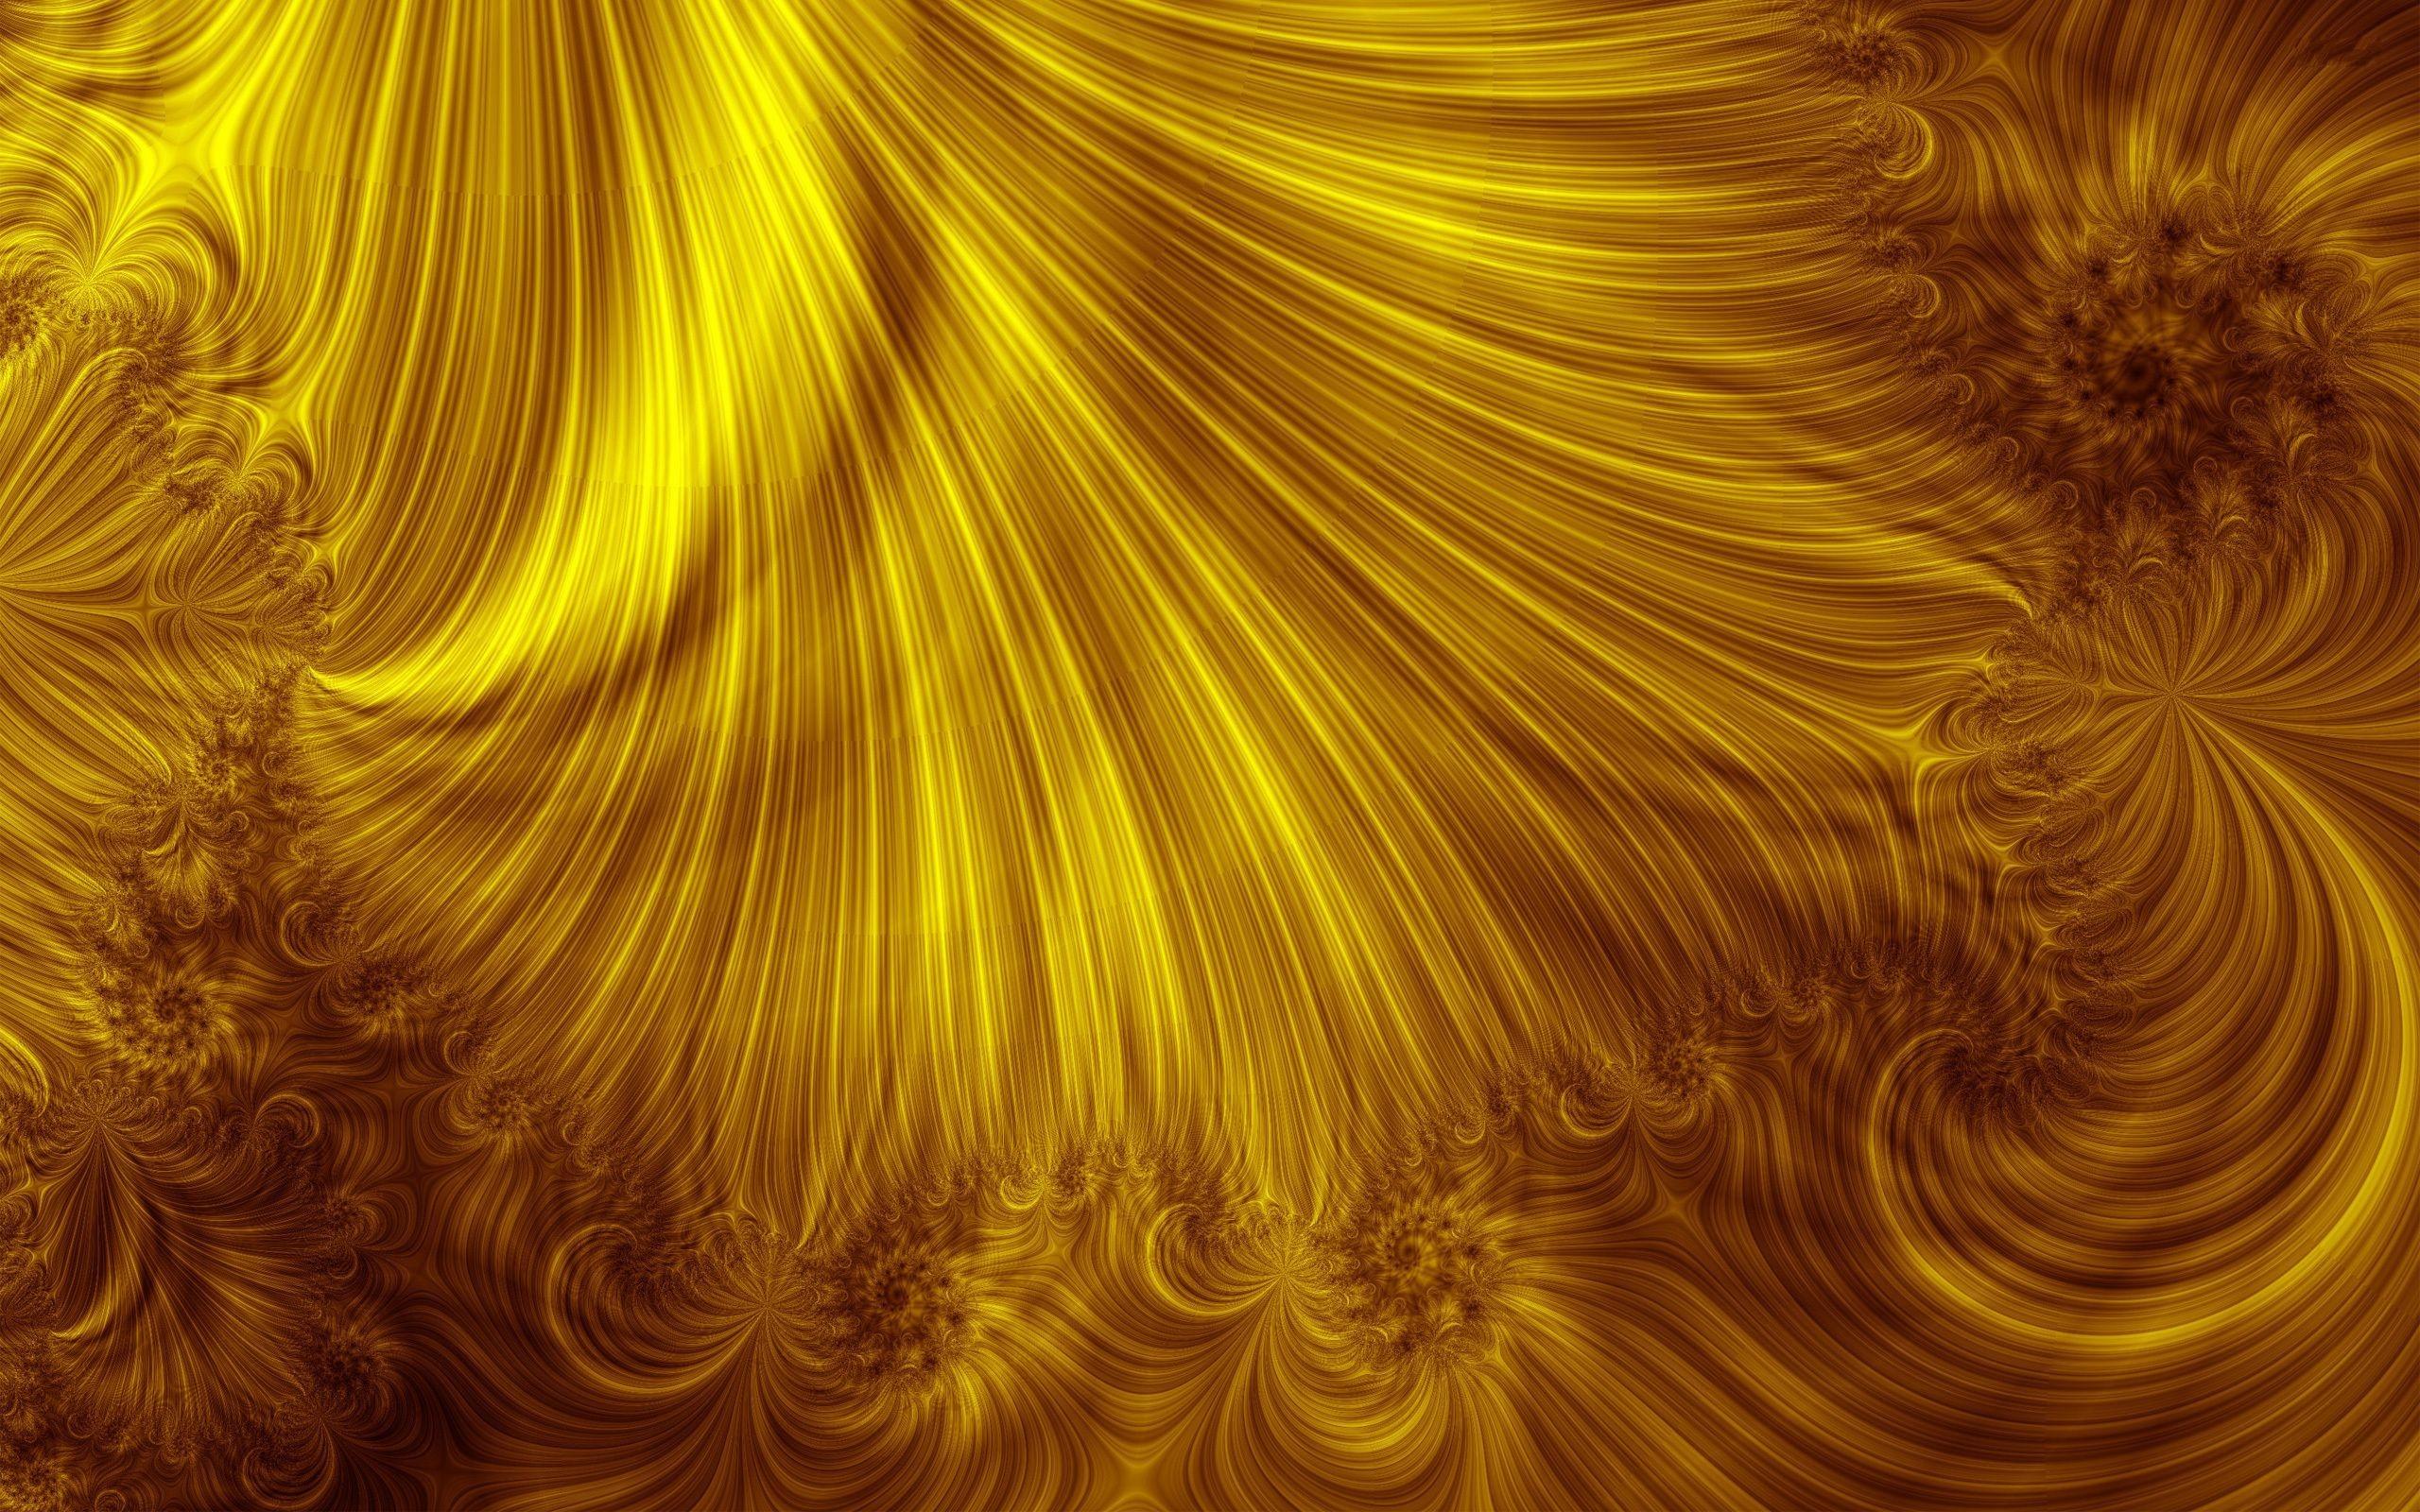 Background tóc vàng